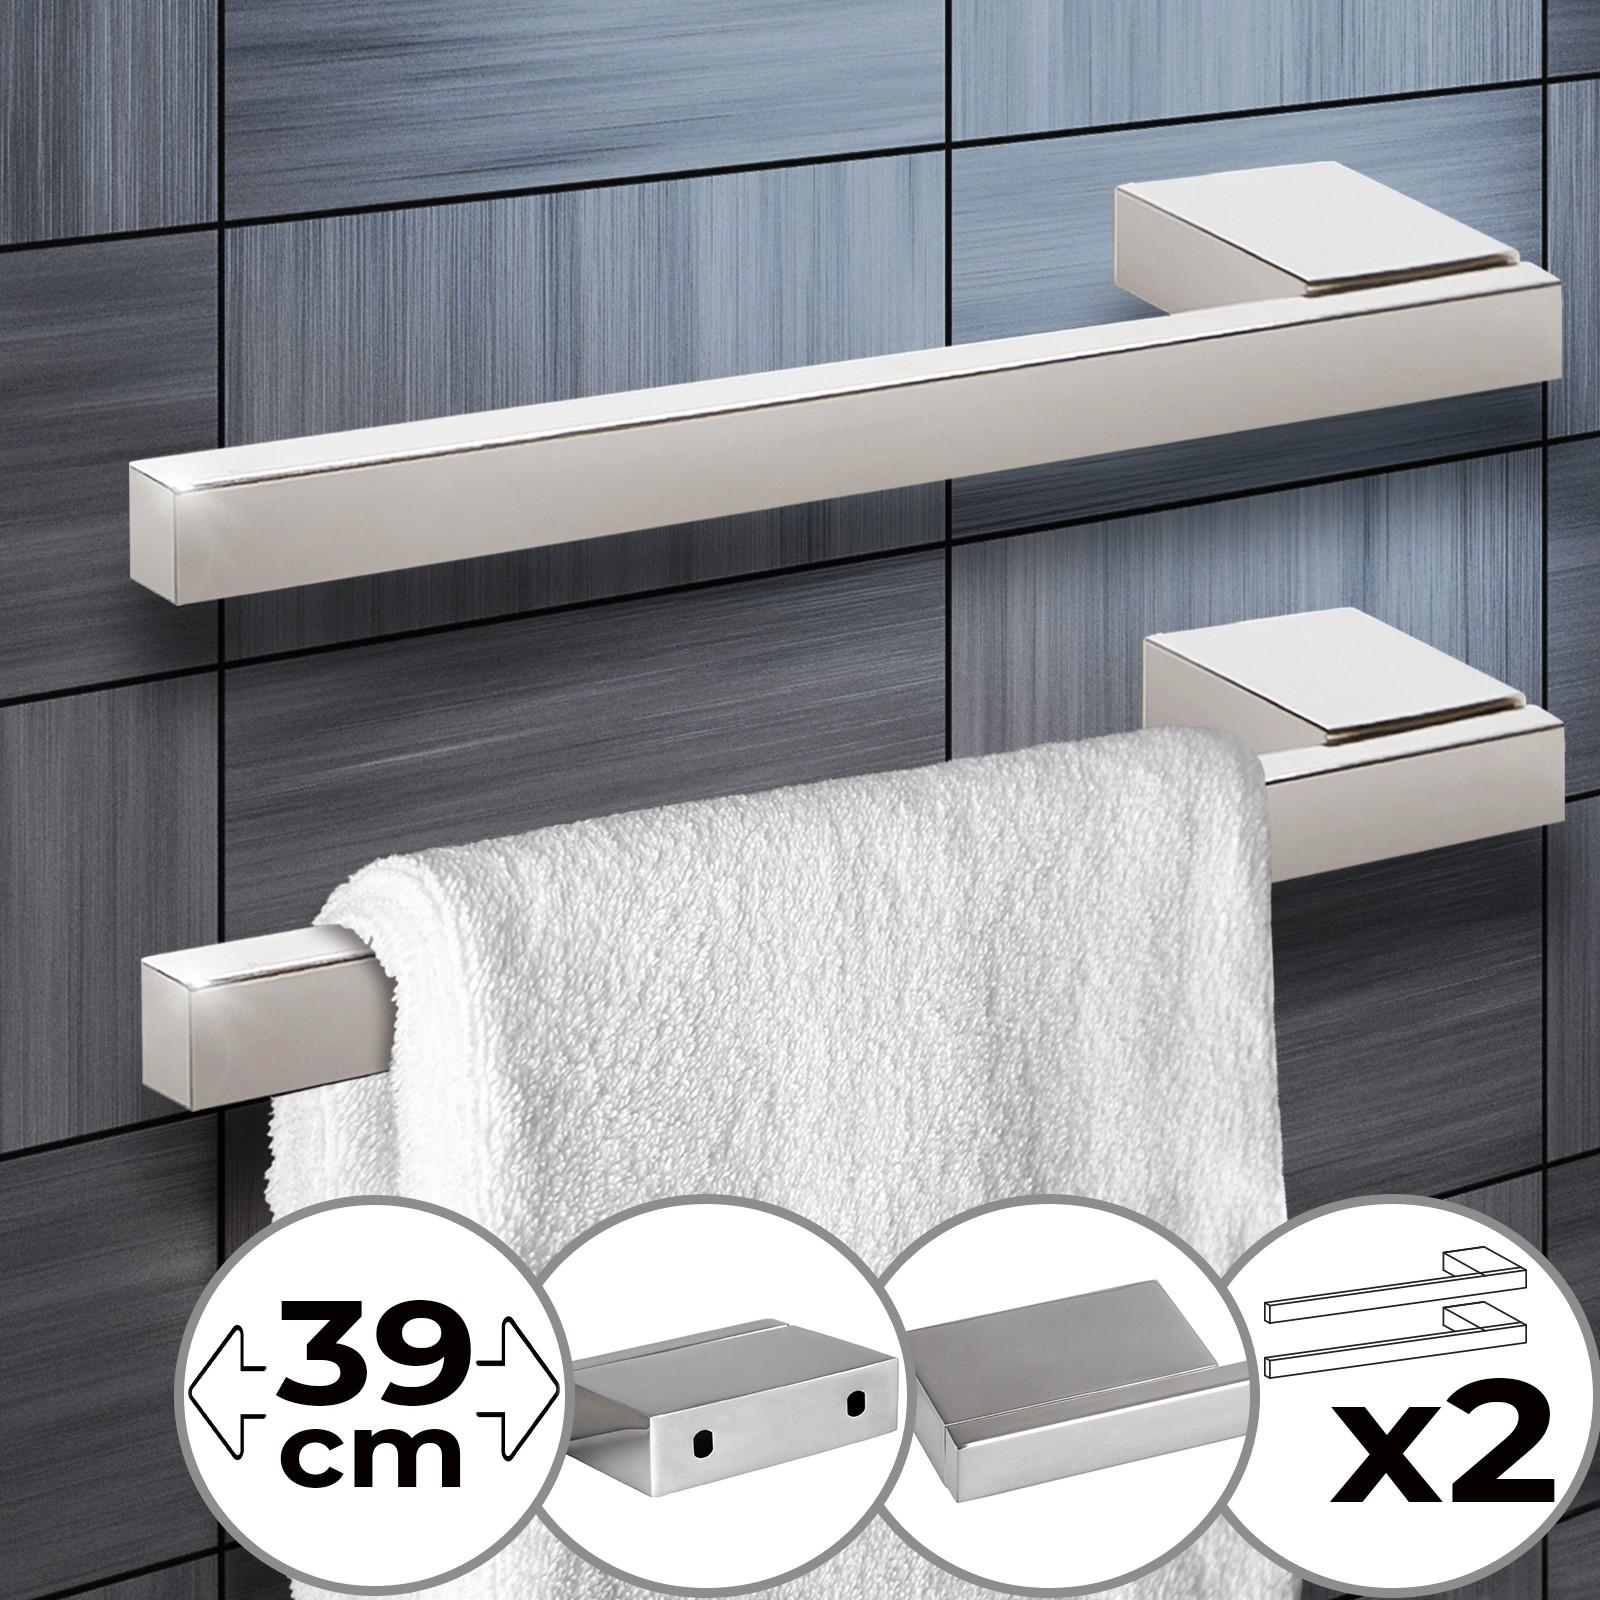 k/üche Packung mit 6, inkl. Schrauben Wandhaken edelstahl haken f/ür badezimmer b/üro und anlage